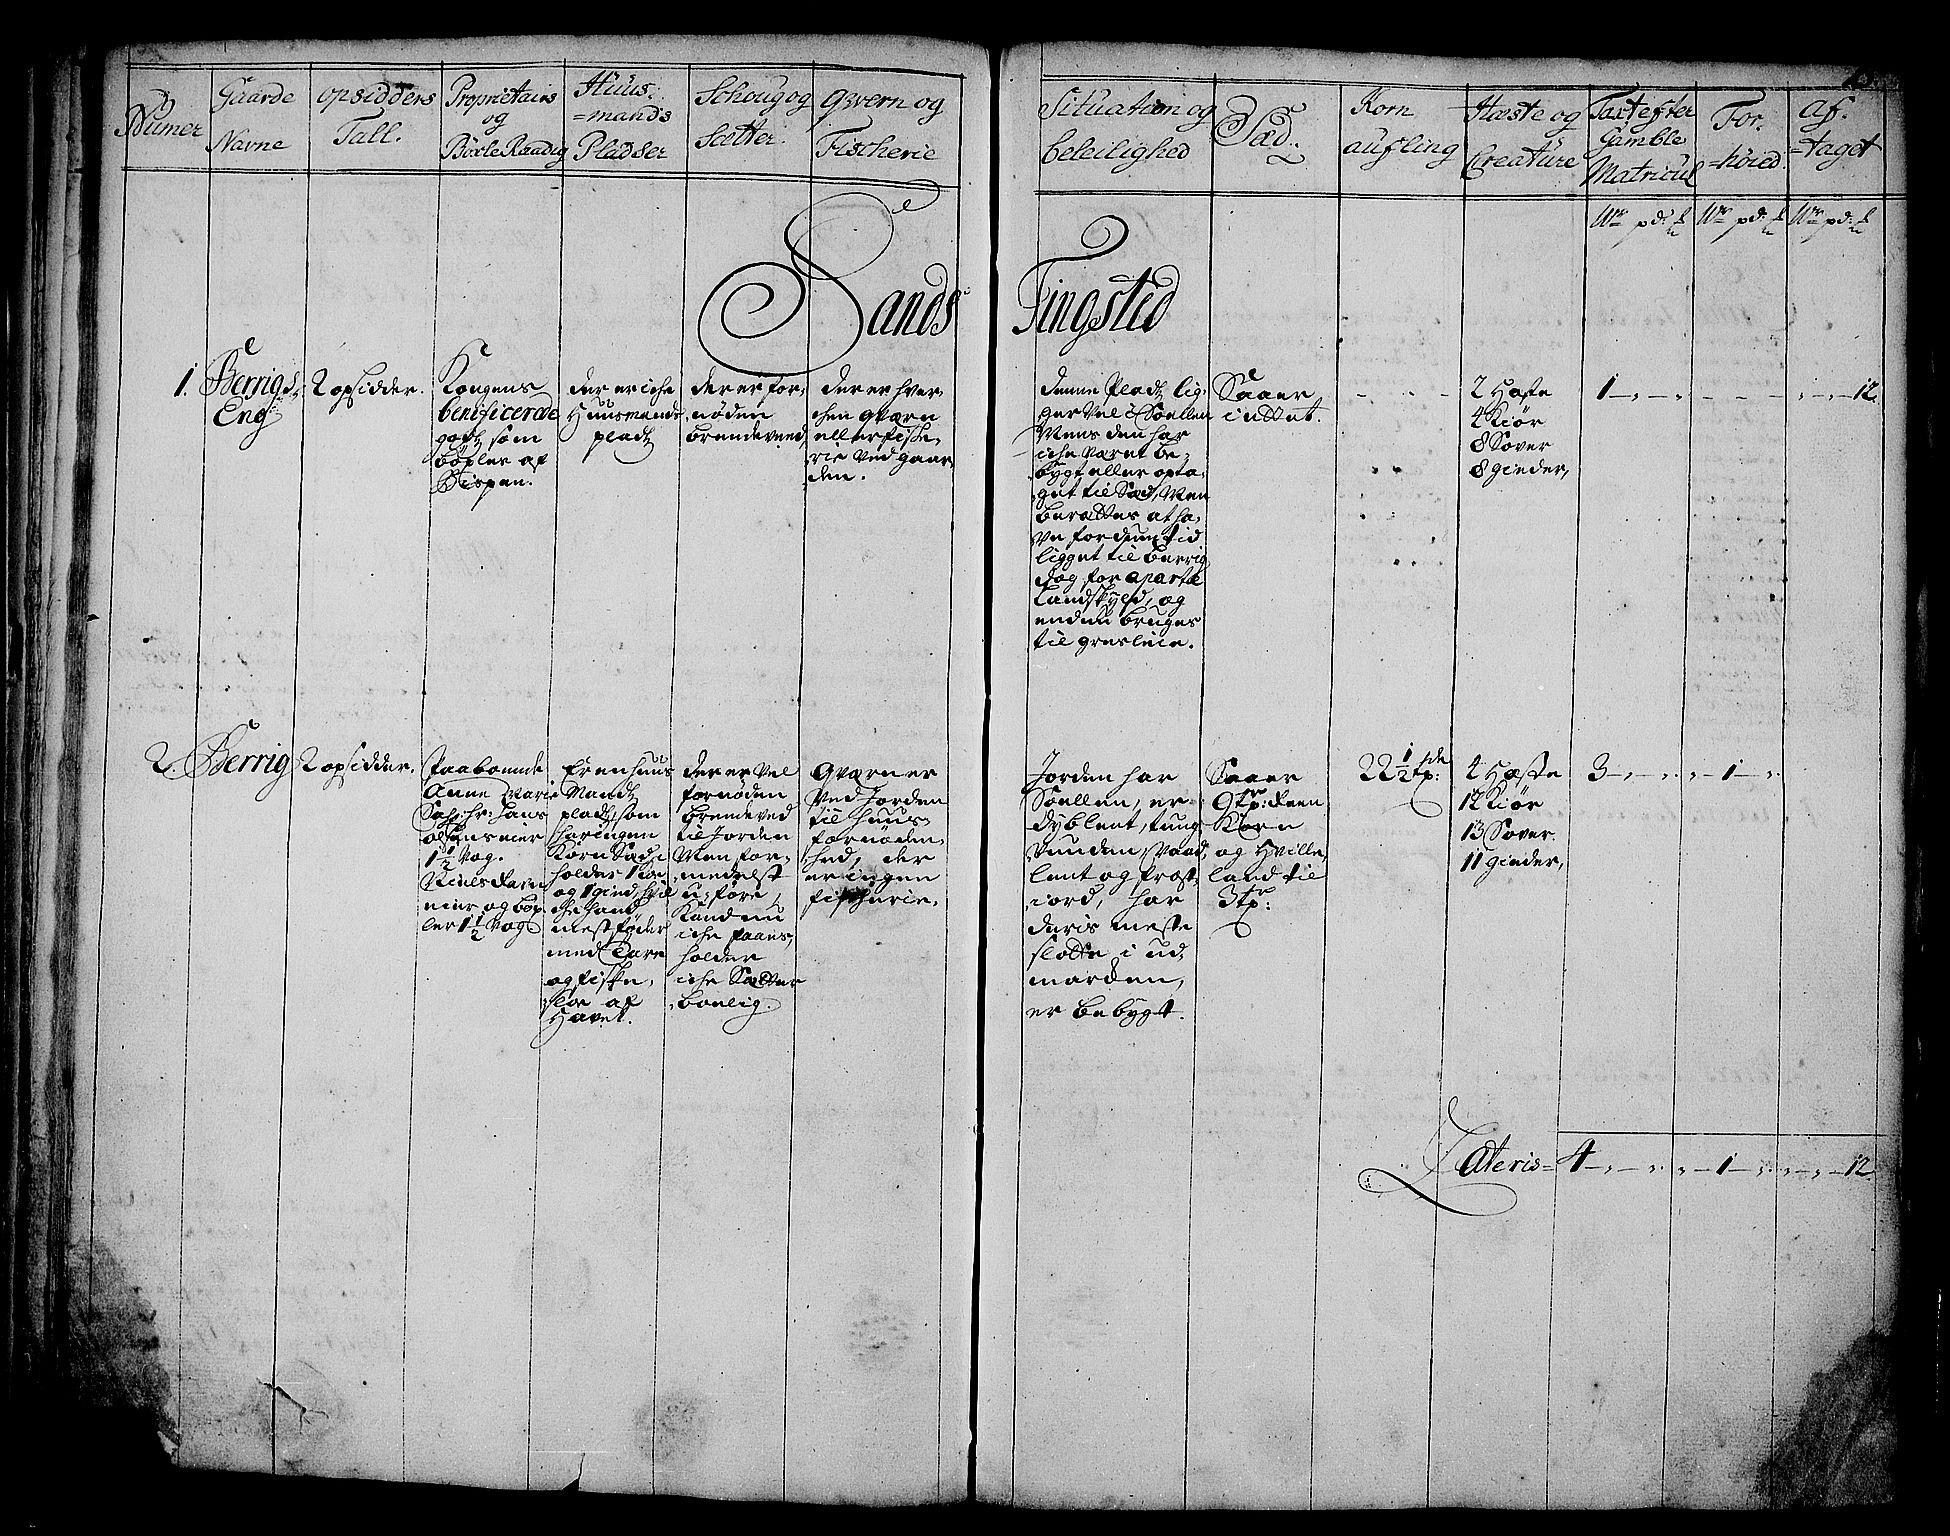 RA, Rentekammeret inntil 1814, Realistisk ordnet avdeling, N/Nb/Nbf/L0178: Senja eksaminasjonsprotokoll, 1723, s. 14b-15a